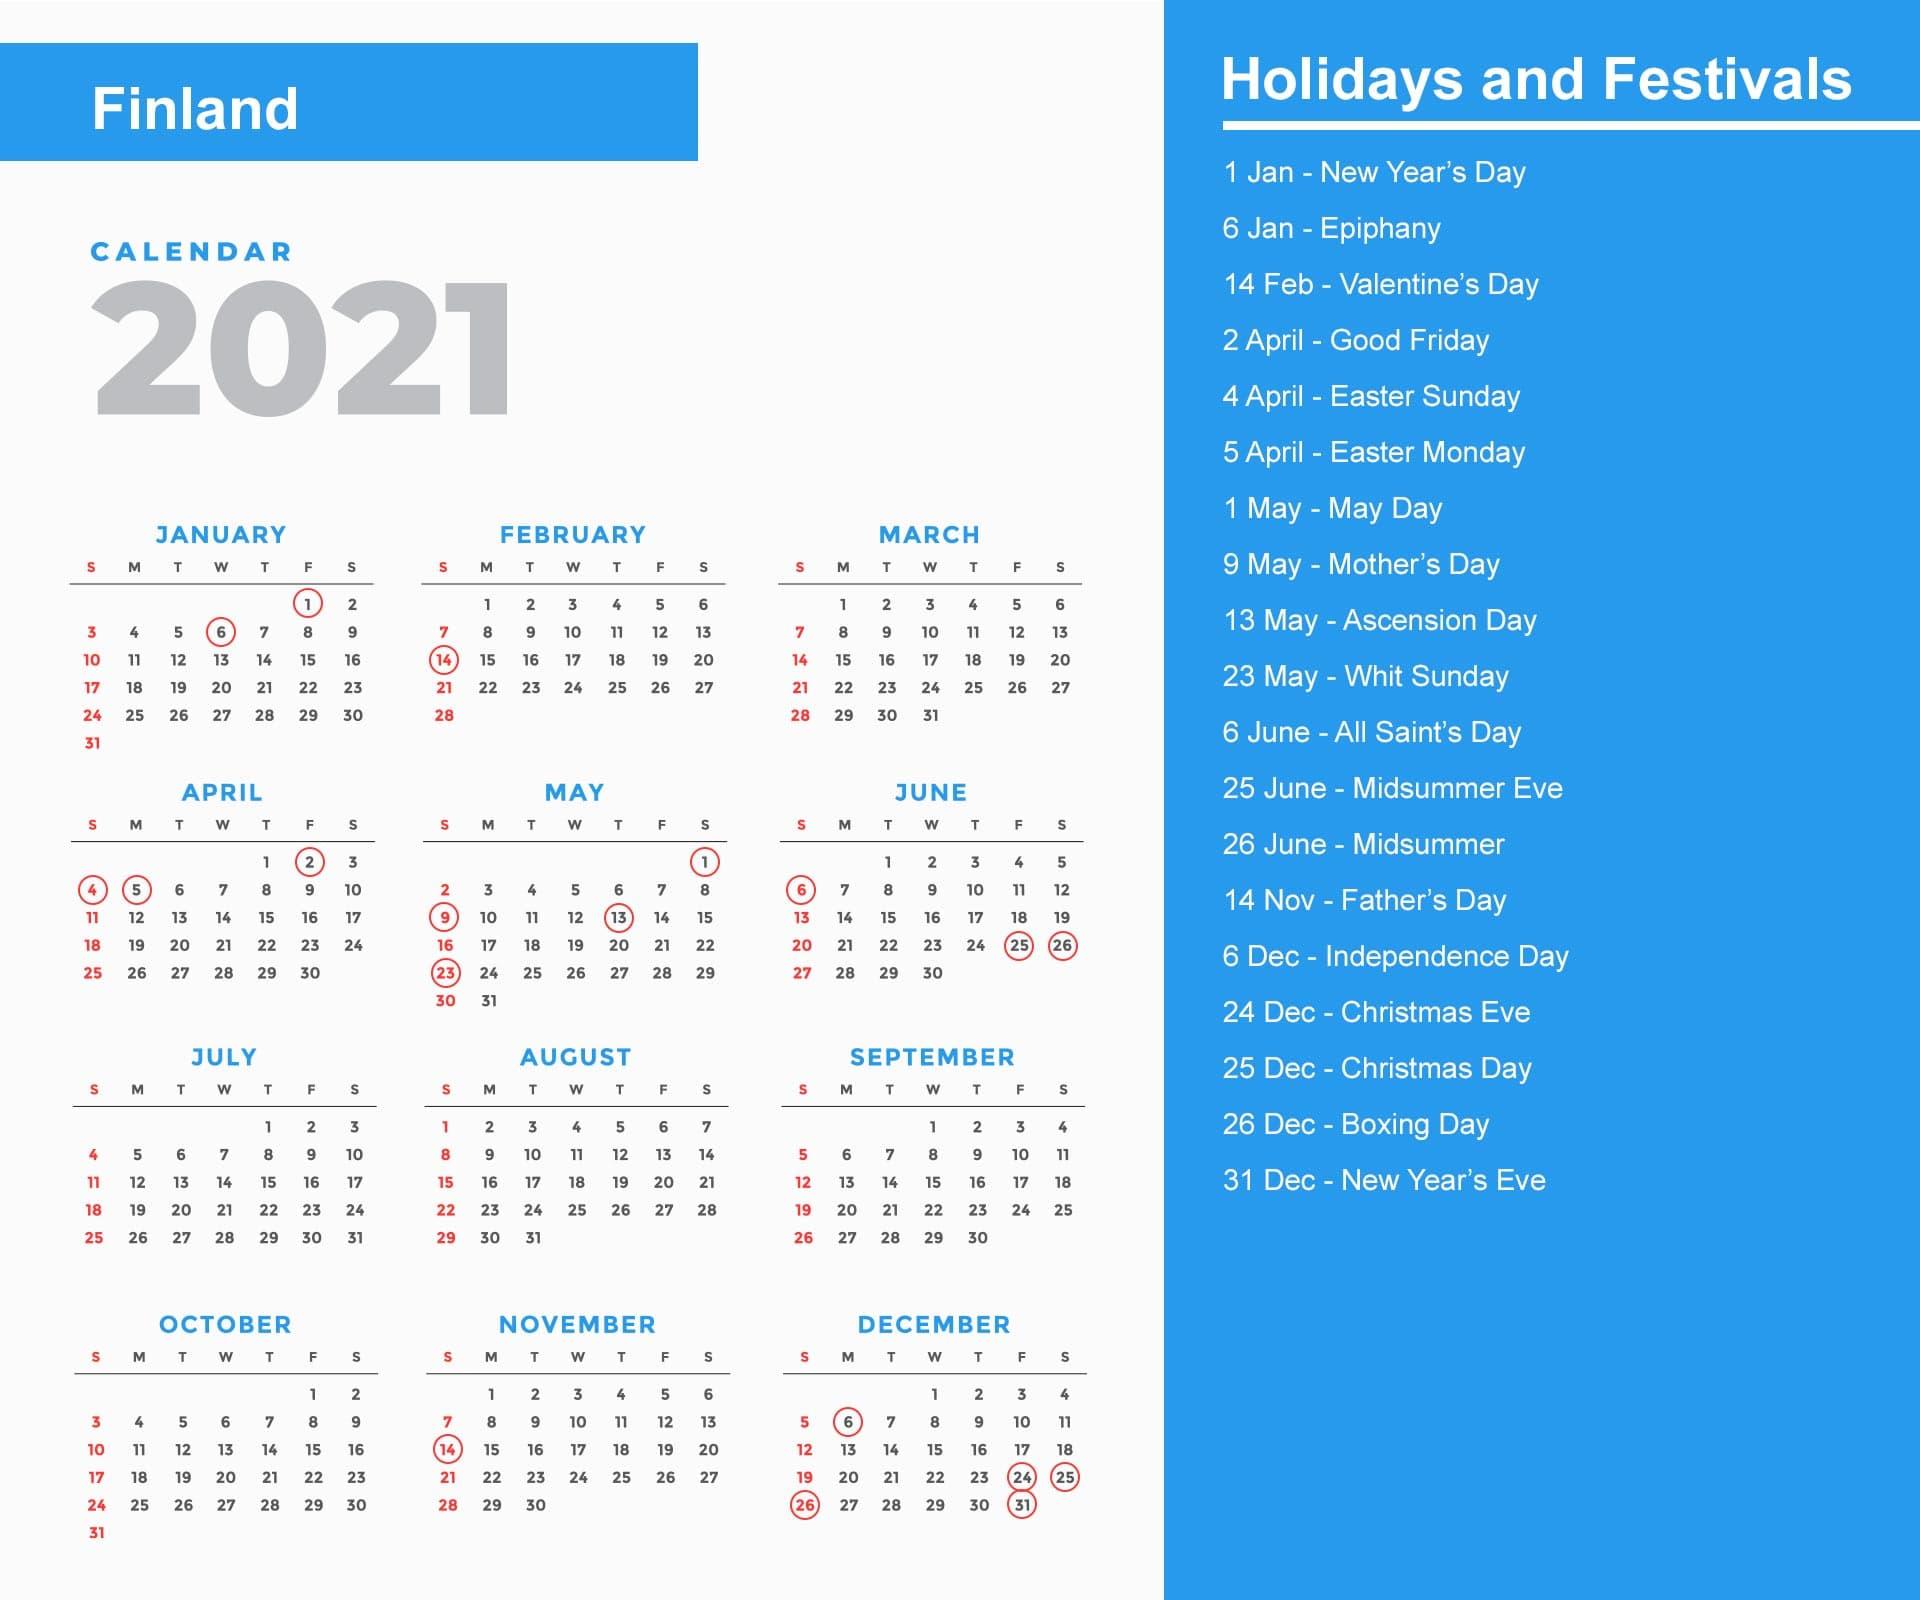 Finland Holidays 2021